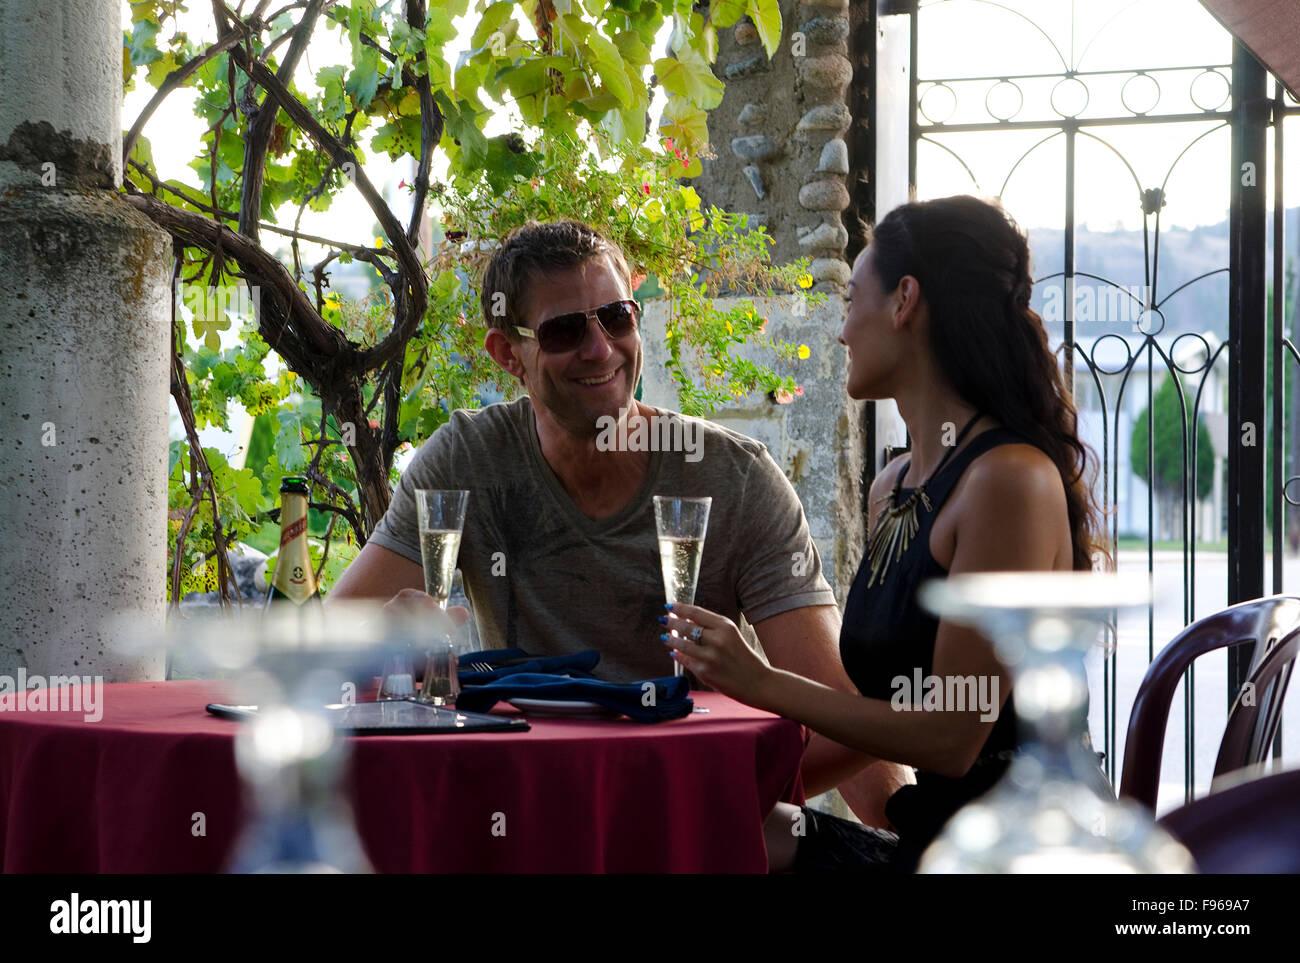 Junges Paar genießen Sie ein kulinarisches Erlebnis im freien Zias Stonehouse Restaurant in Summerland, in Stockbild